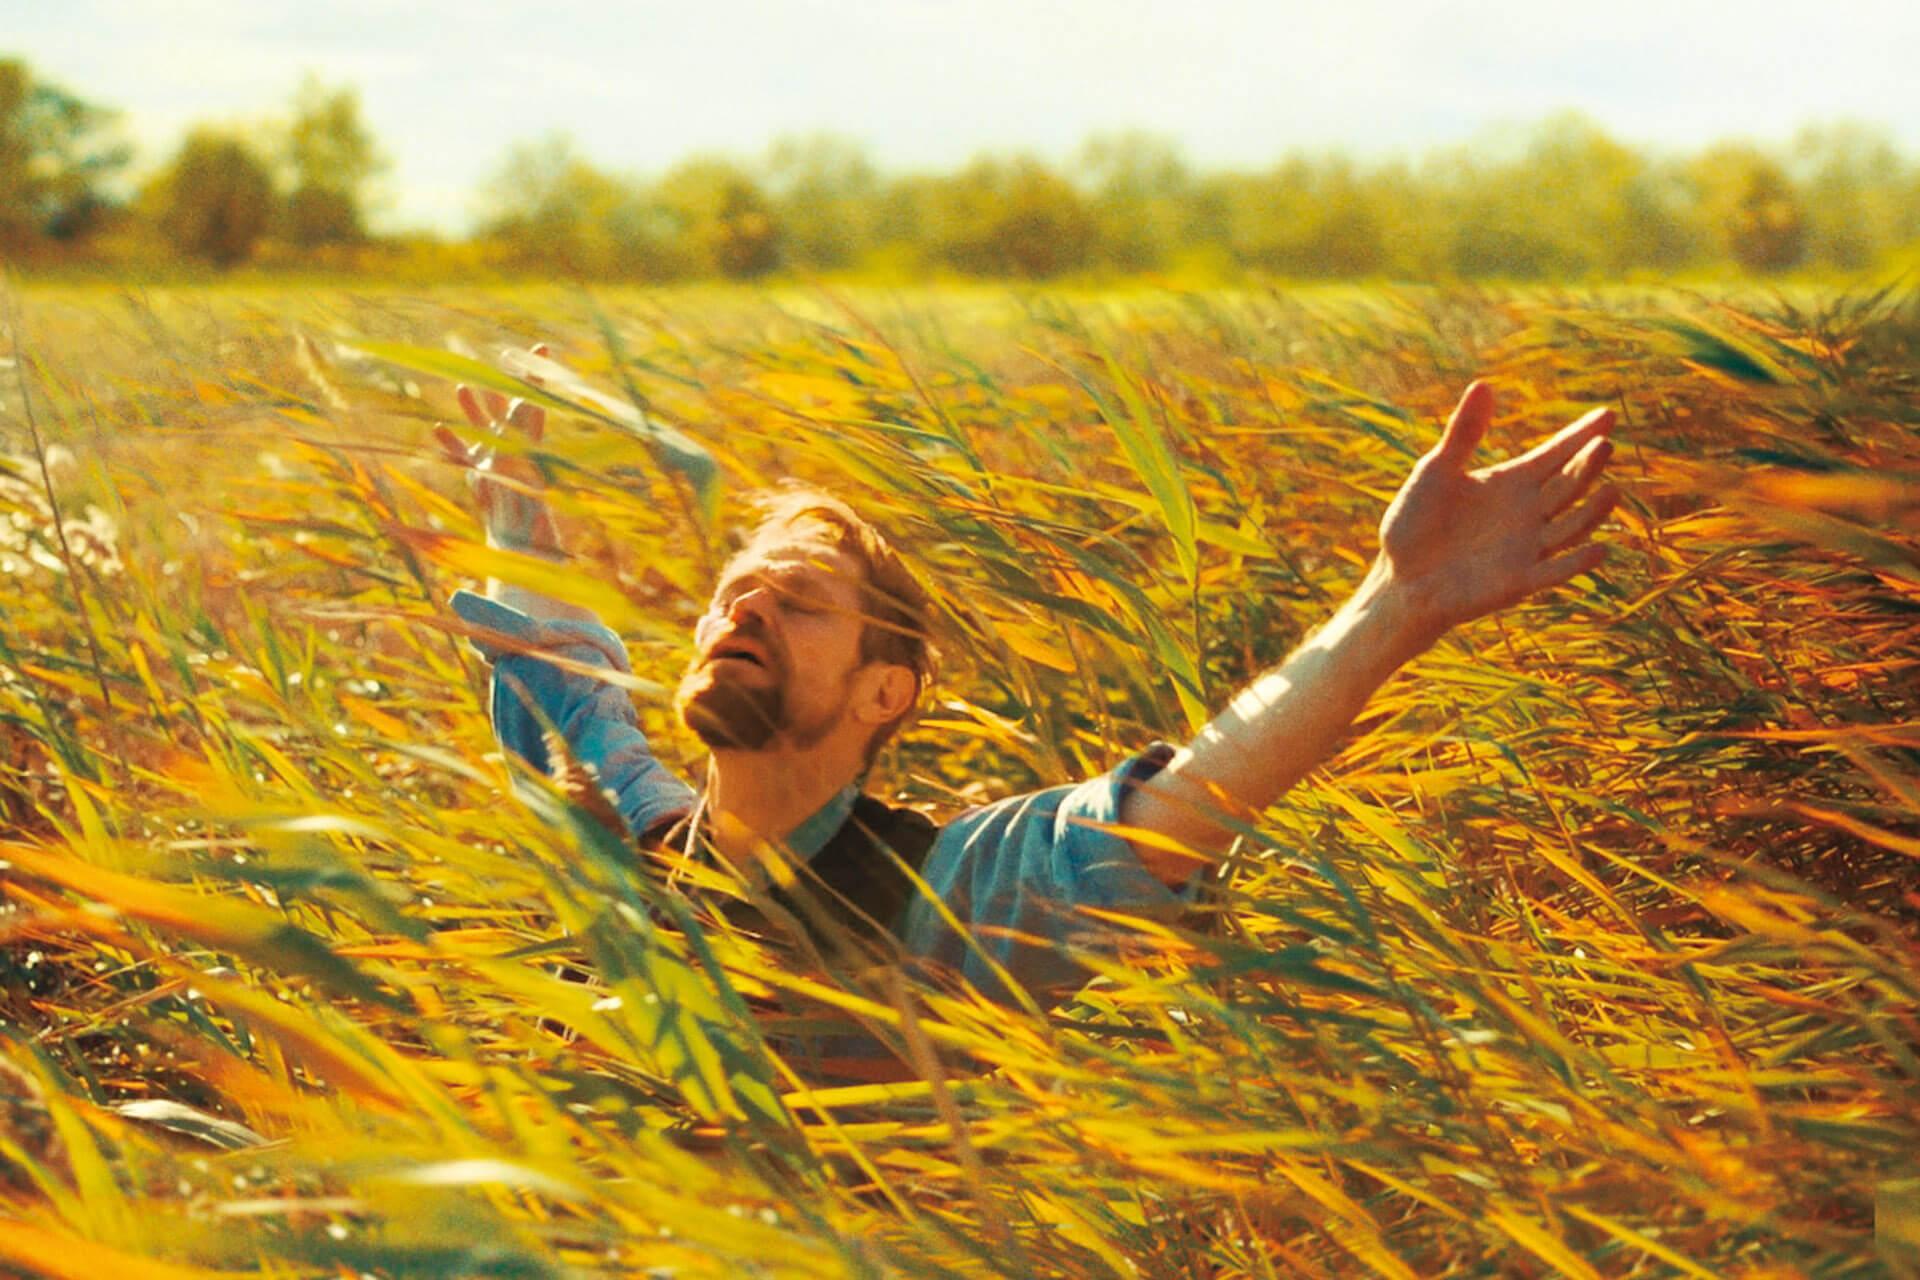 【チケプレ!】稀代の画家ゴッホの魅力に迫る『永遠の門 ゴッホの見た未来』の試写会に10組20名様をご招待! film191007_gogh_8